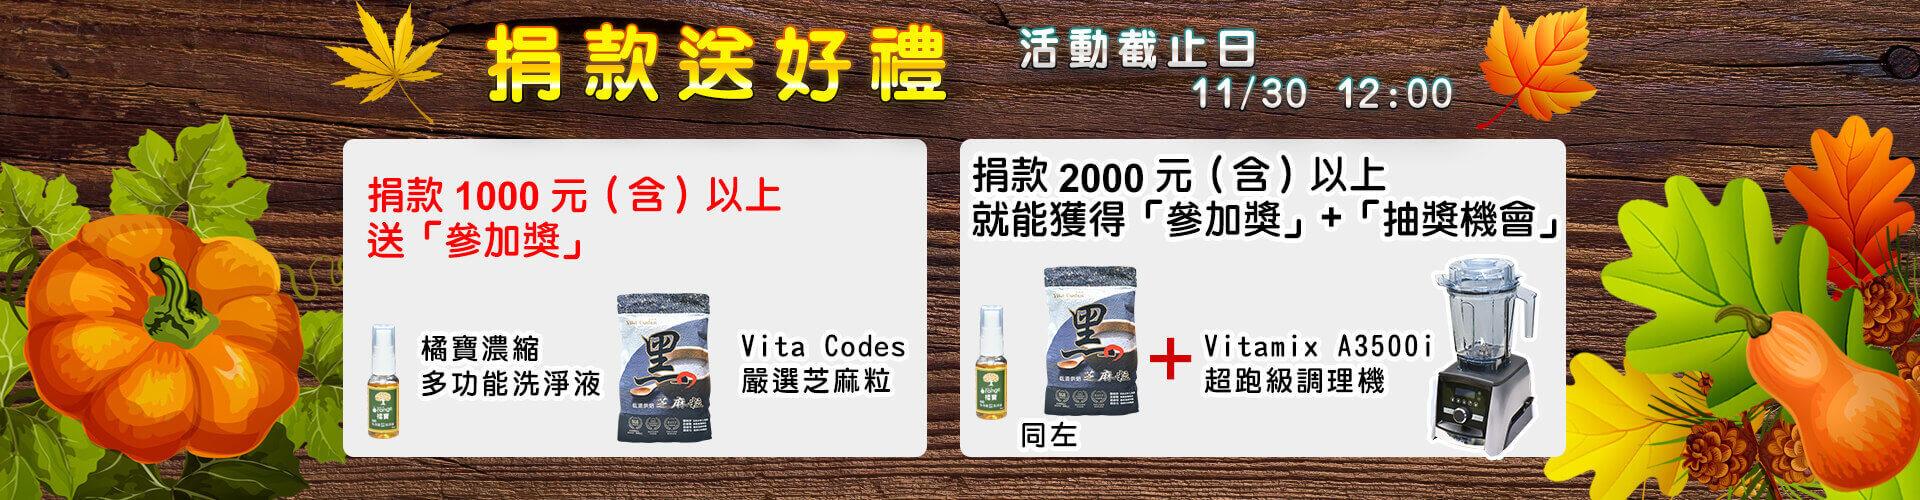 捐款1千送橘寶;芝麻/捐款2千加碼抽Vitamix A3500i超跑調理機!